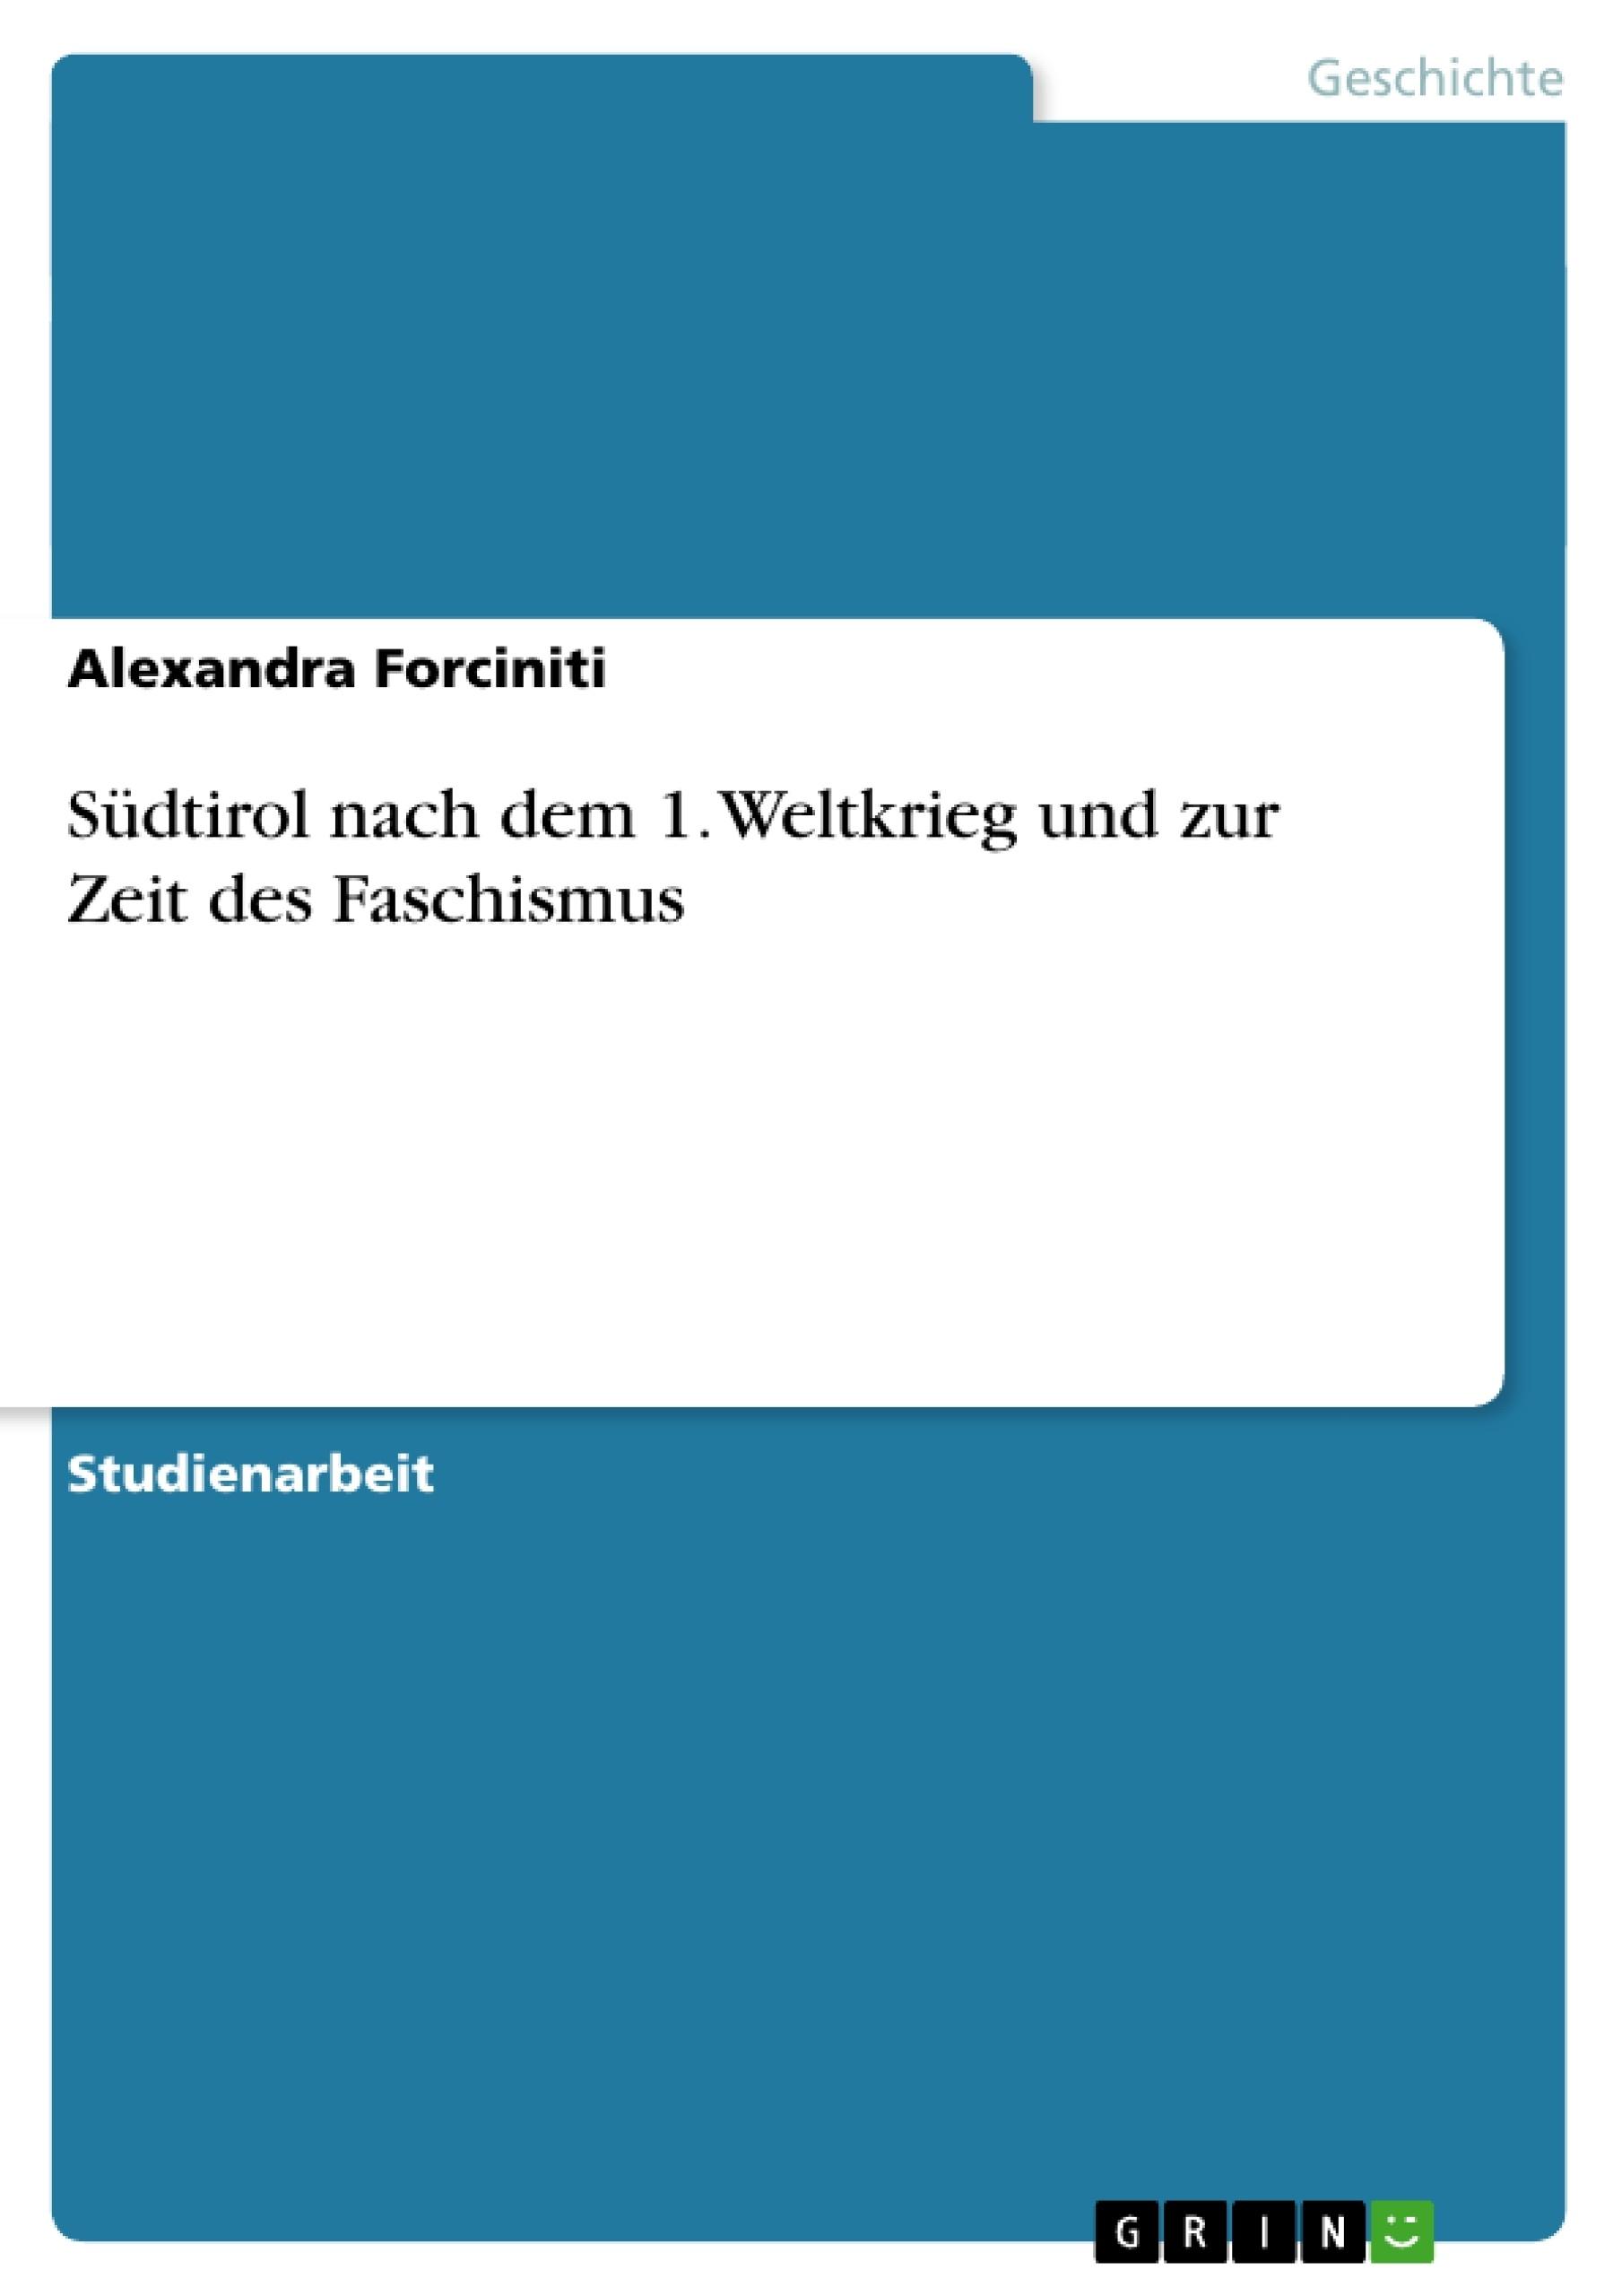 Titel: Südtirol nach dem 1. Weltkrieg und zur Zeit des Faschismus